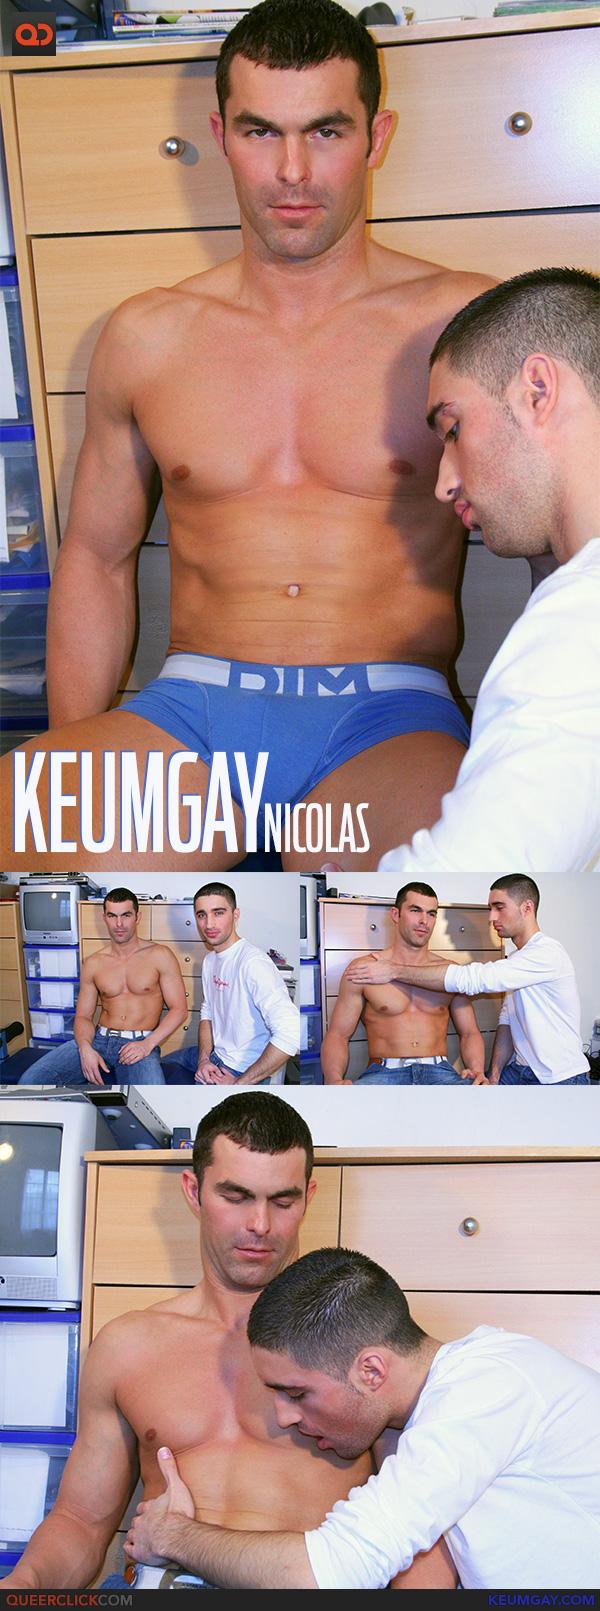 KeumGay: Nicolas